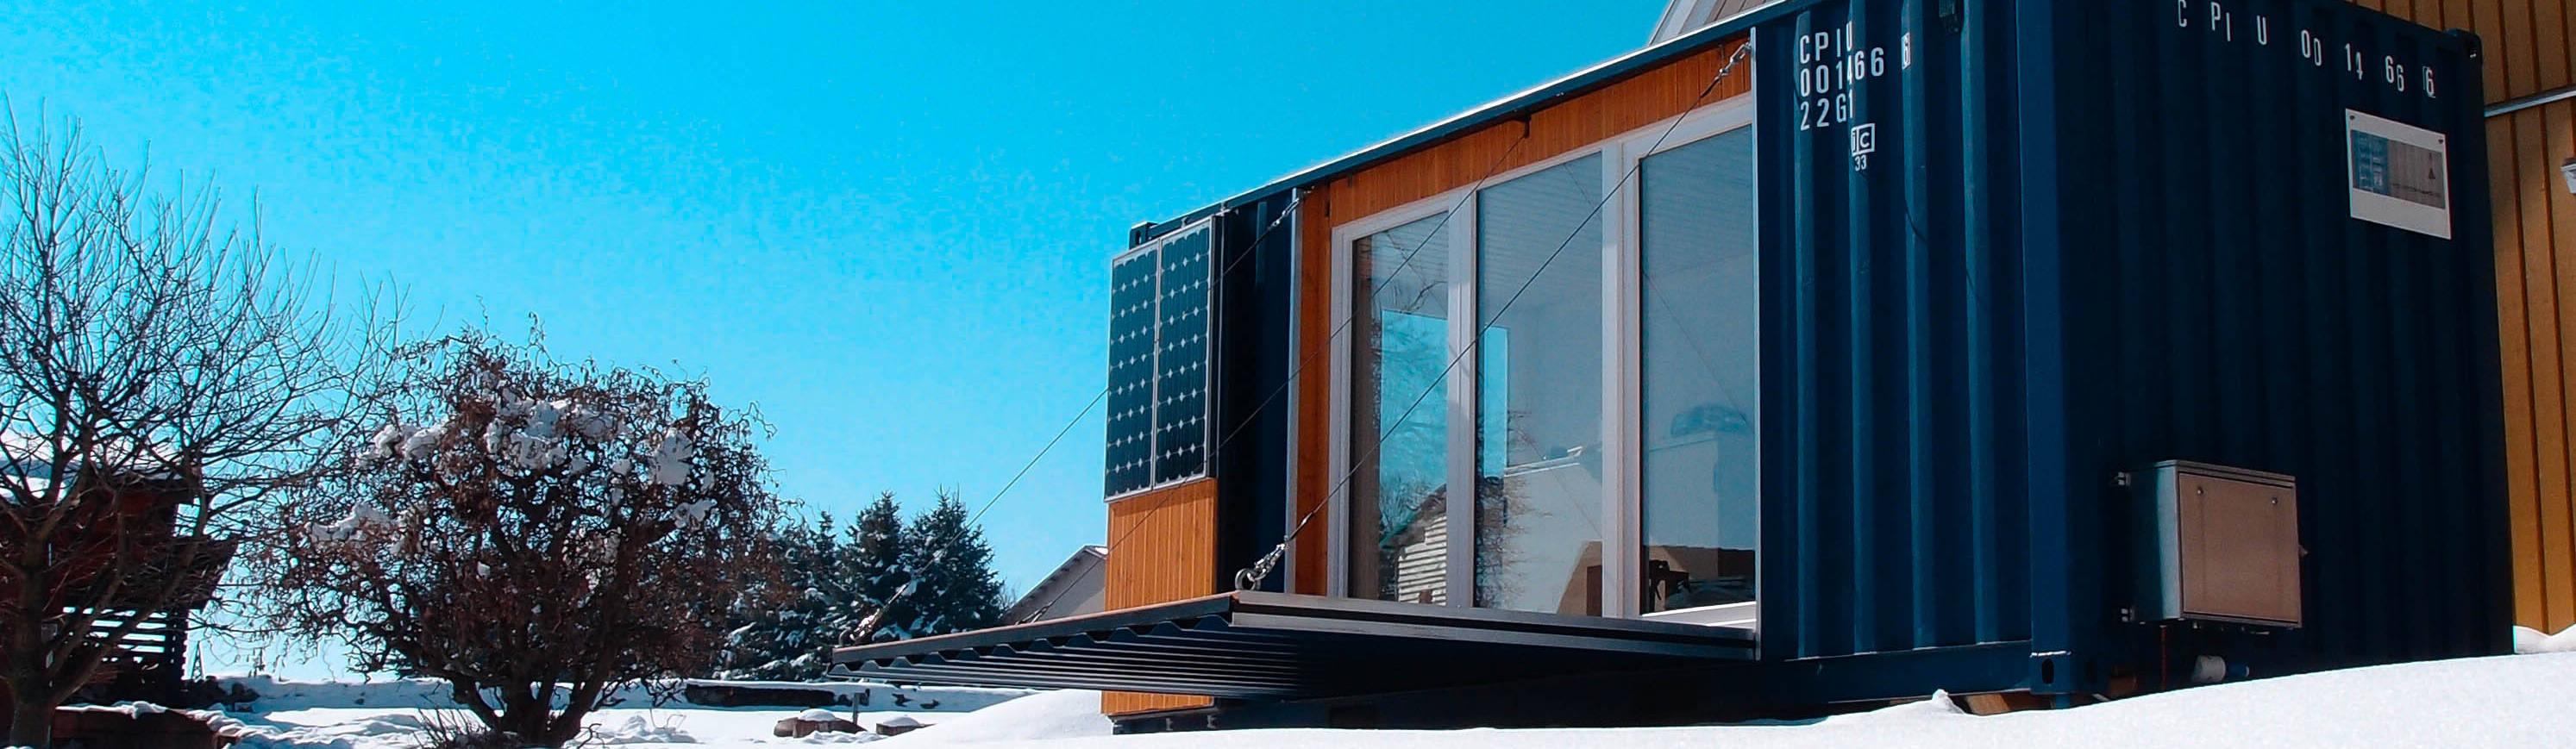 Stefan Brandt – solare Luftheizsysteme und Warmuftkollektoren